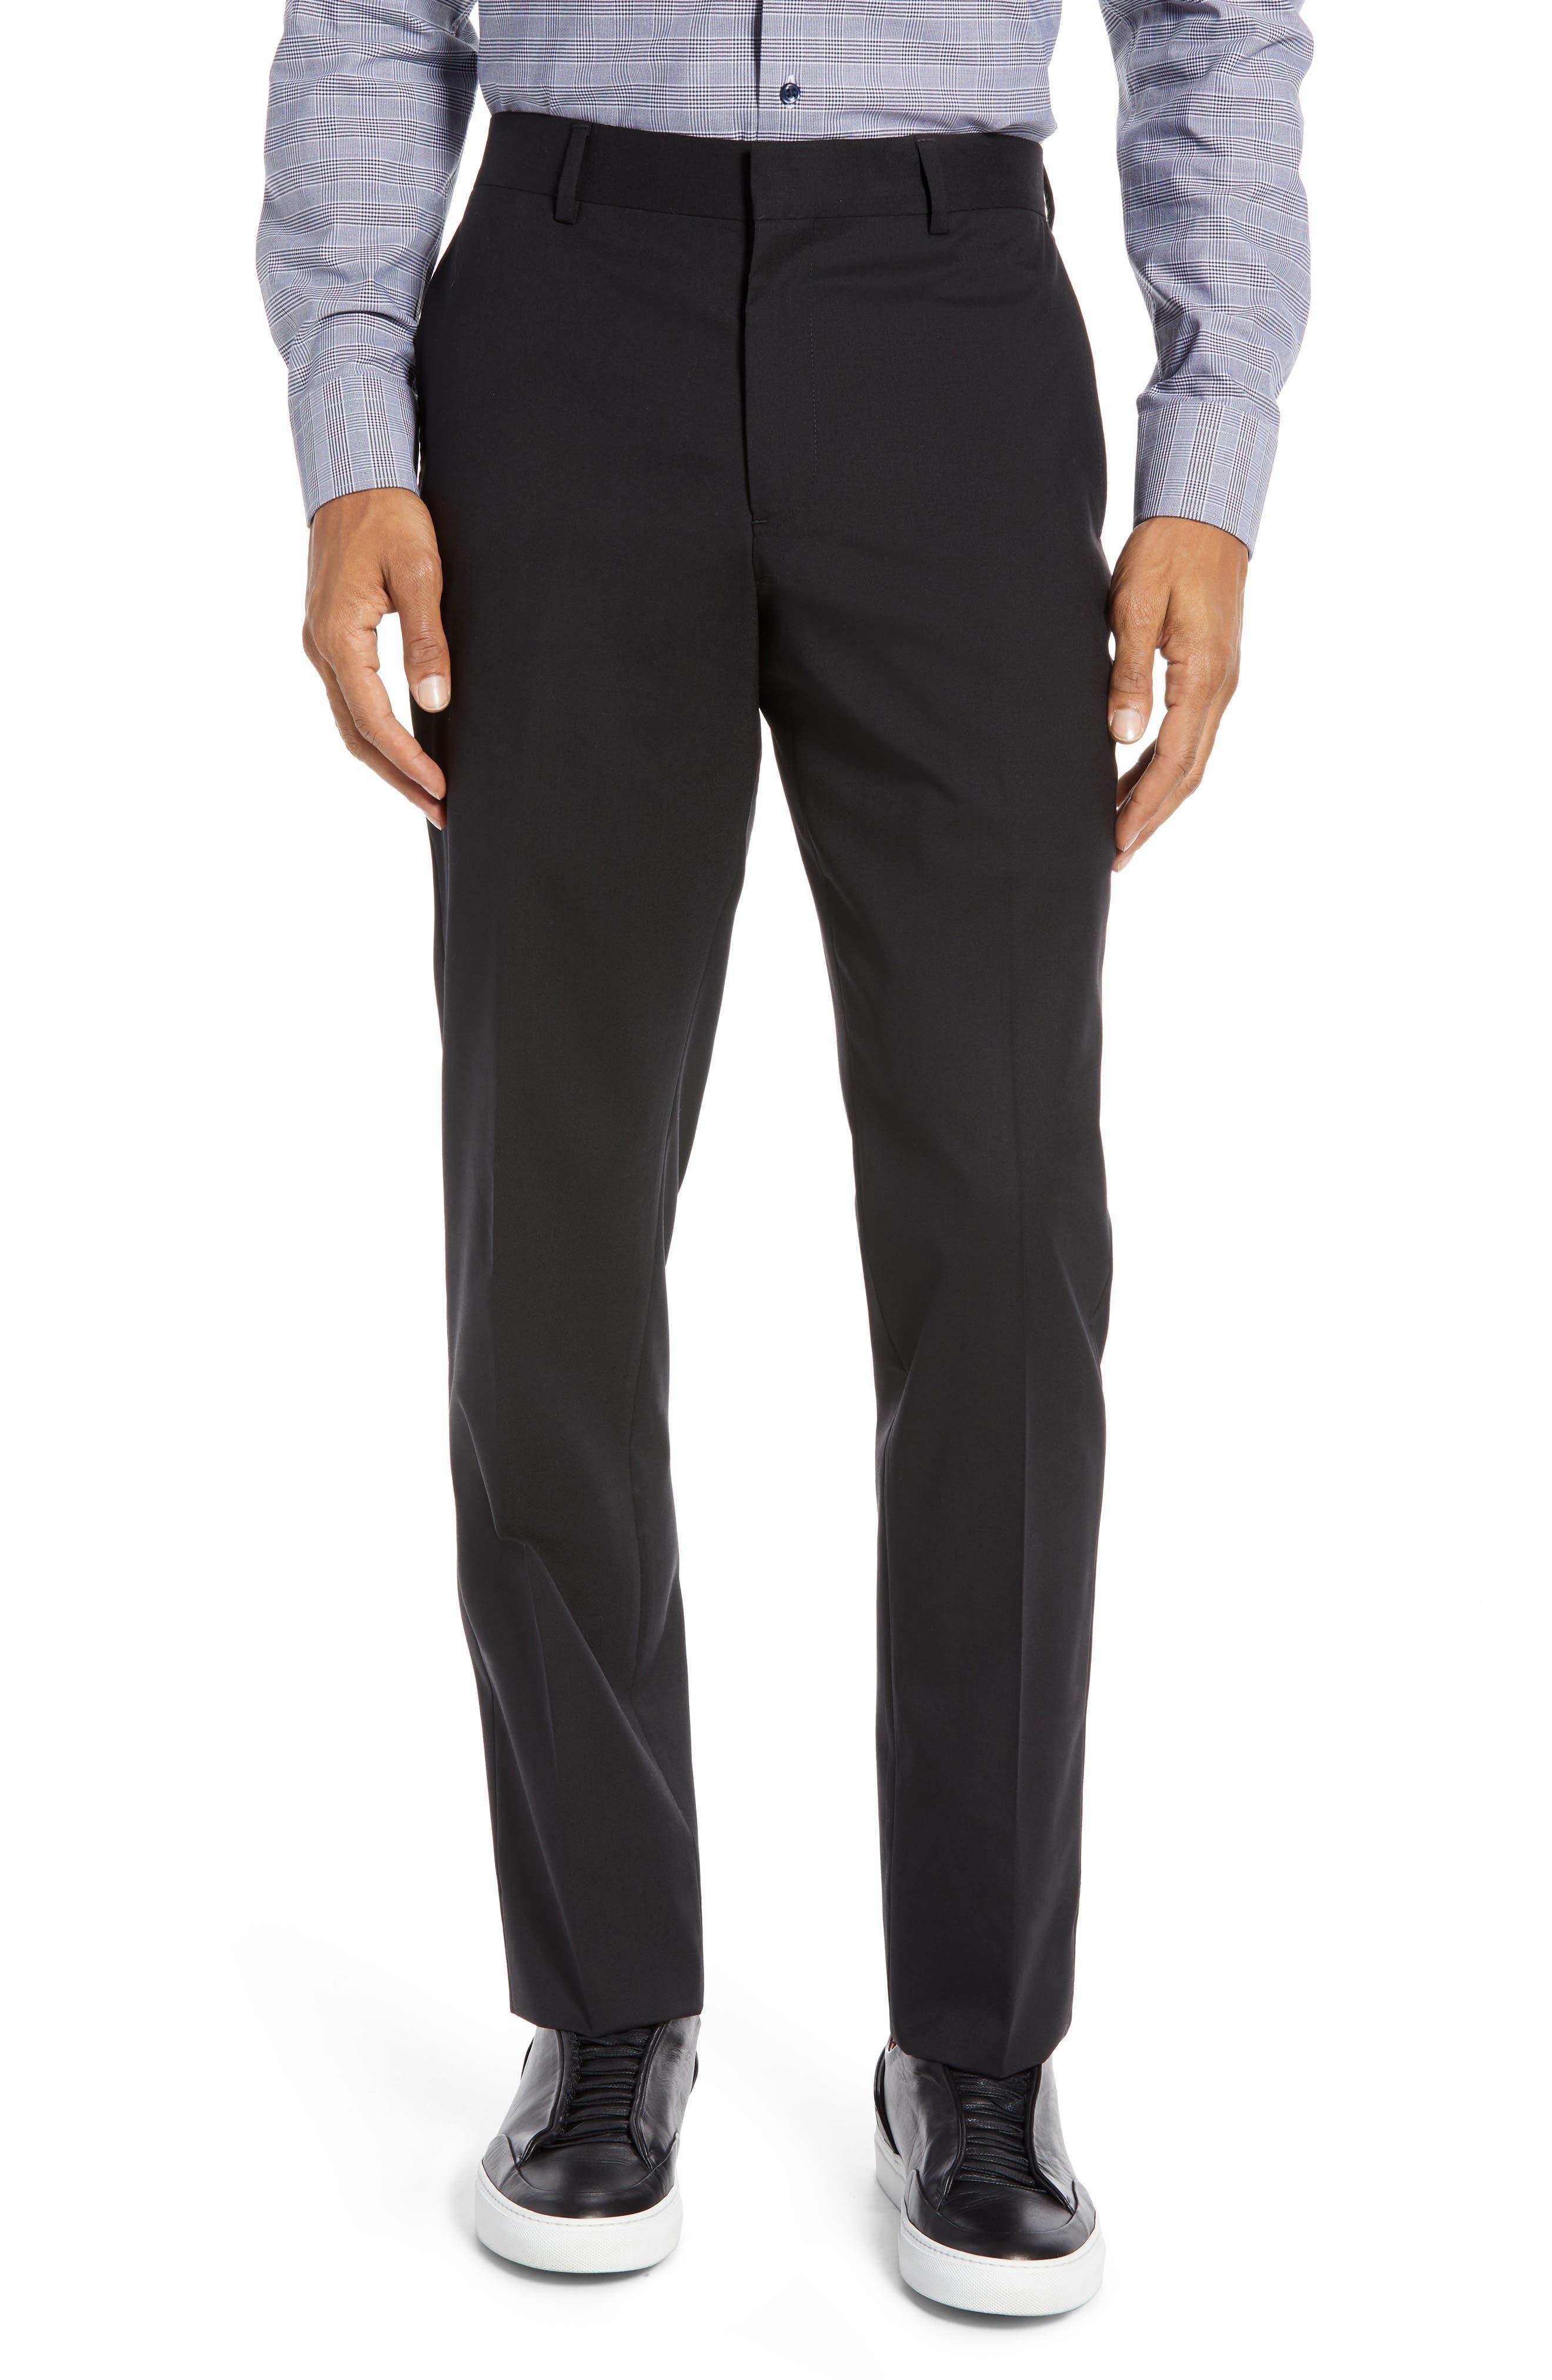 NORDSTROM MEN'S SHOP Tech-Smart Trim Fit Stretch Wool Travel Trousers, Main, color, BLACK